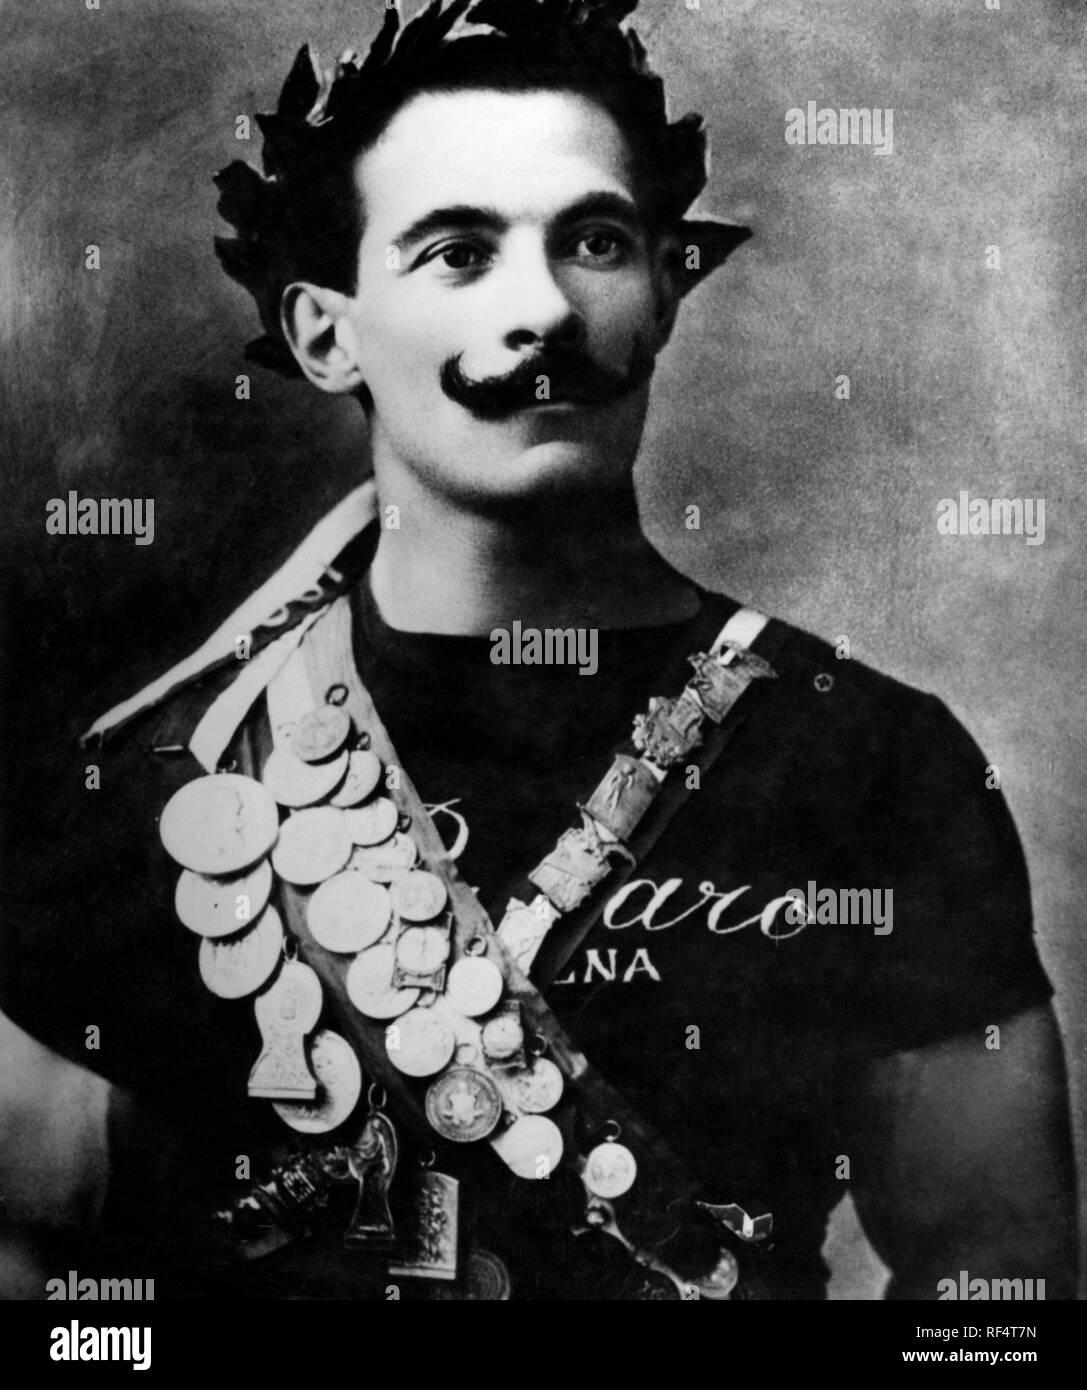 Olympic champion Alberto Braglia, 1912 Stock Photo